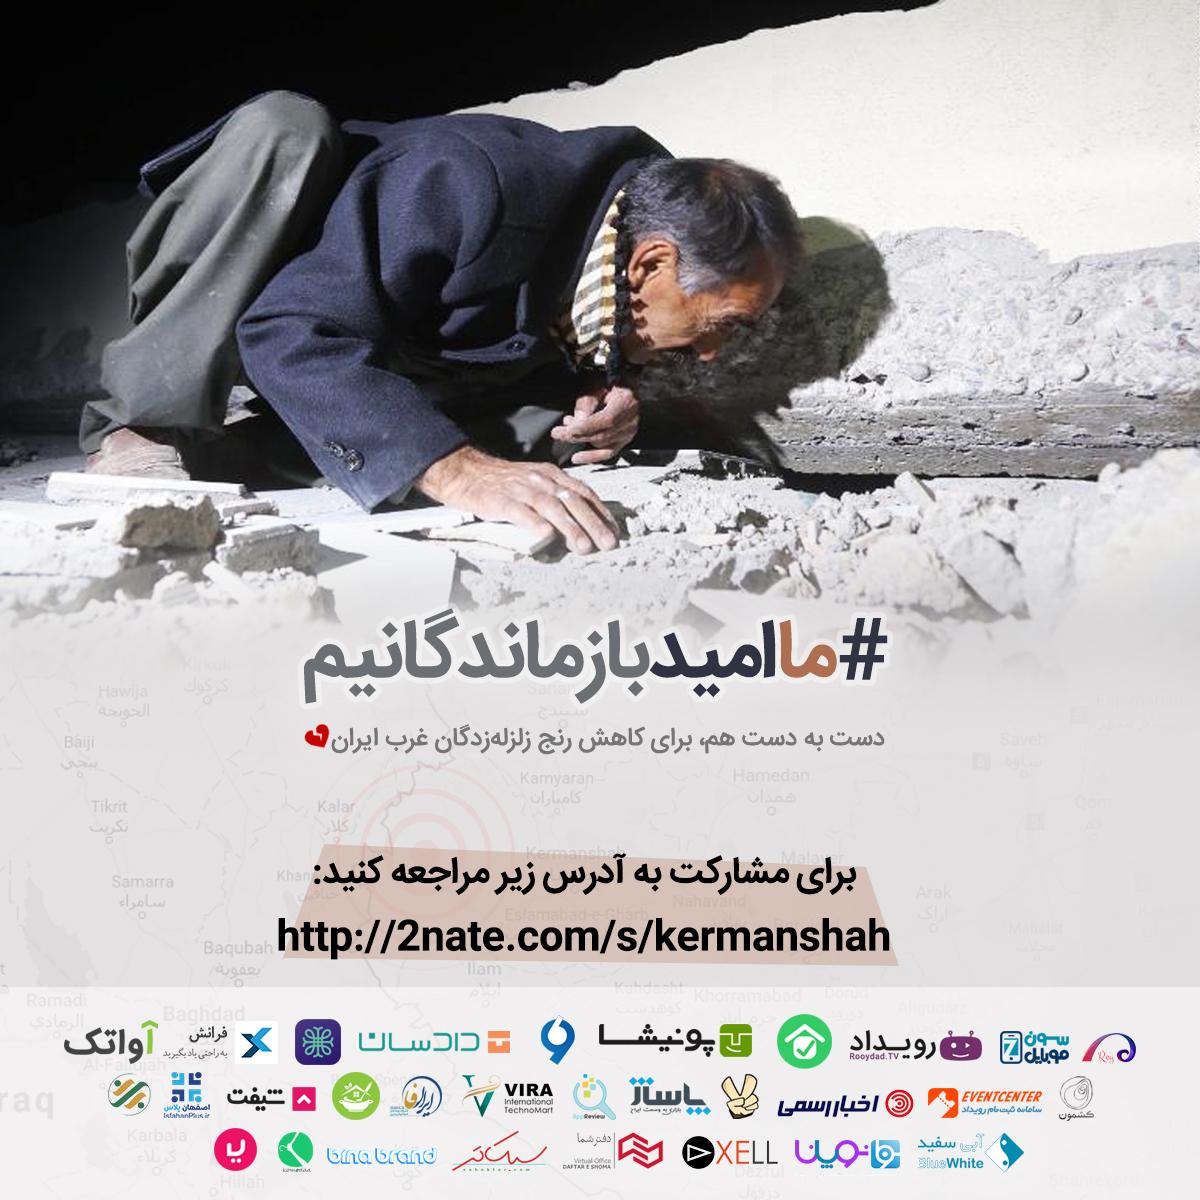 حمایت بینابرند از کمک رسانی به مناطق زلزله زده غرب ایران